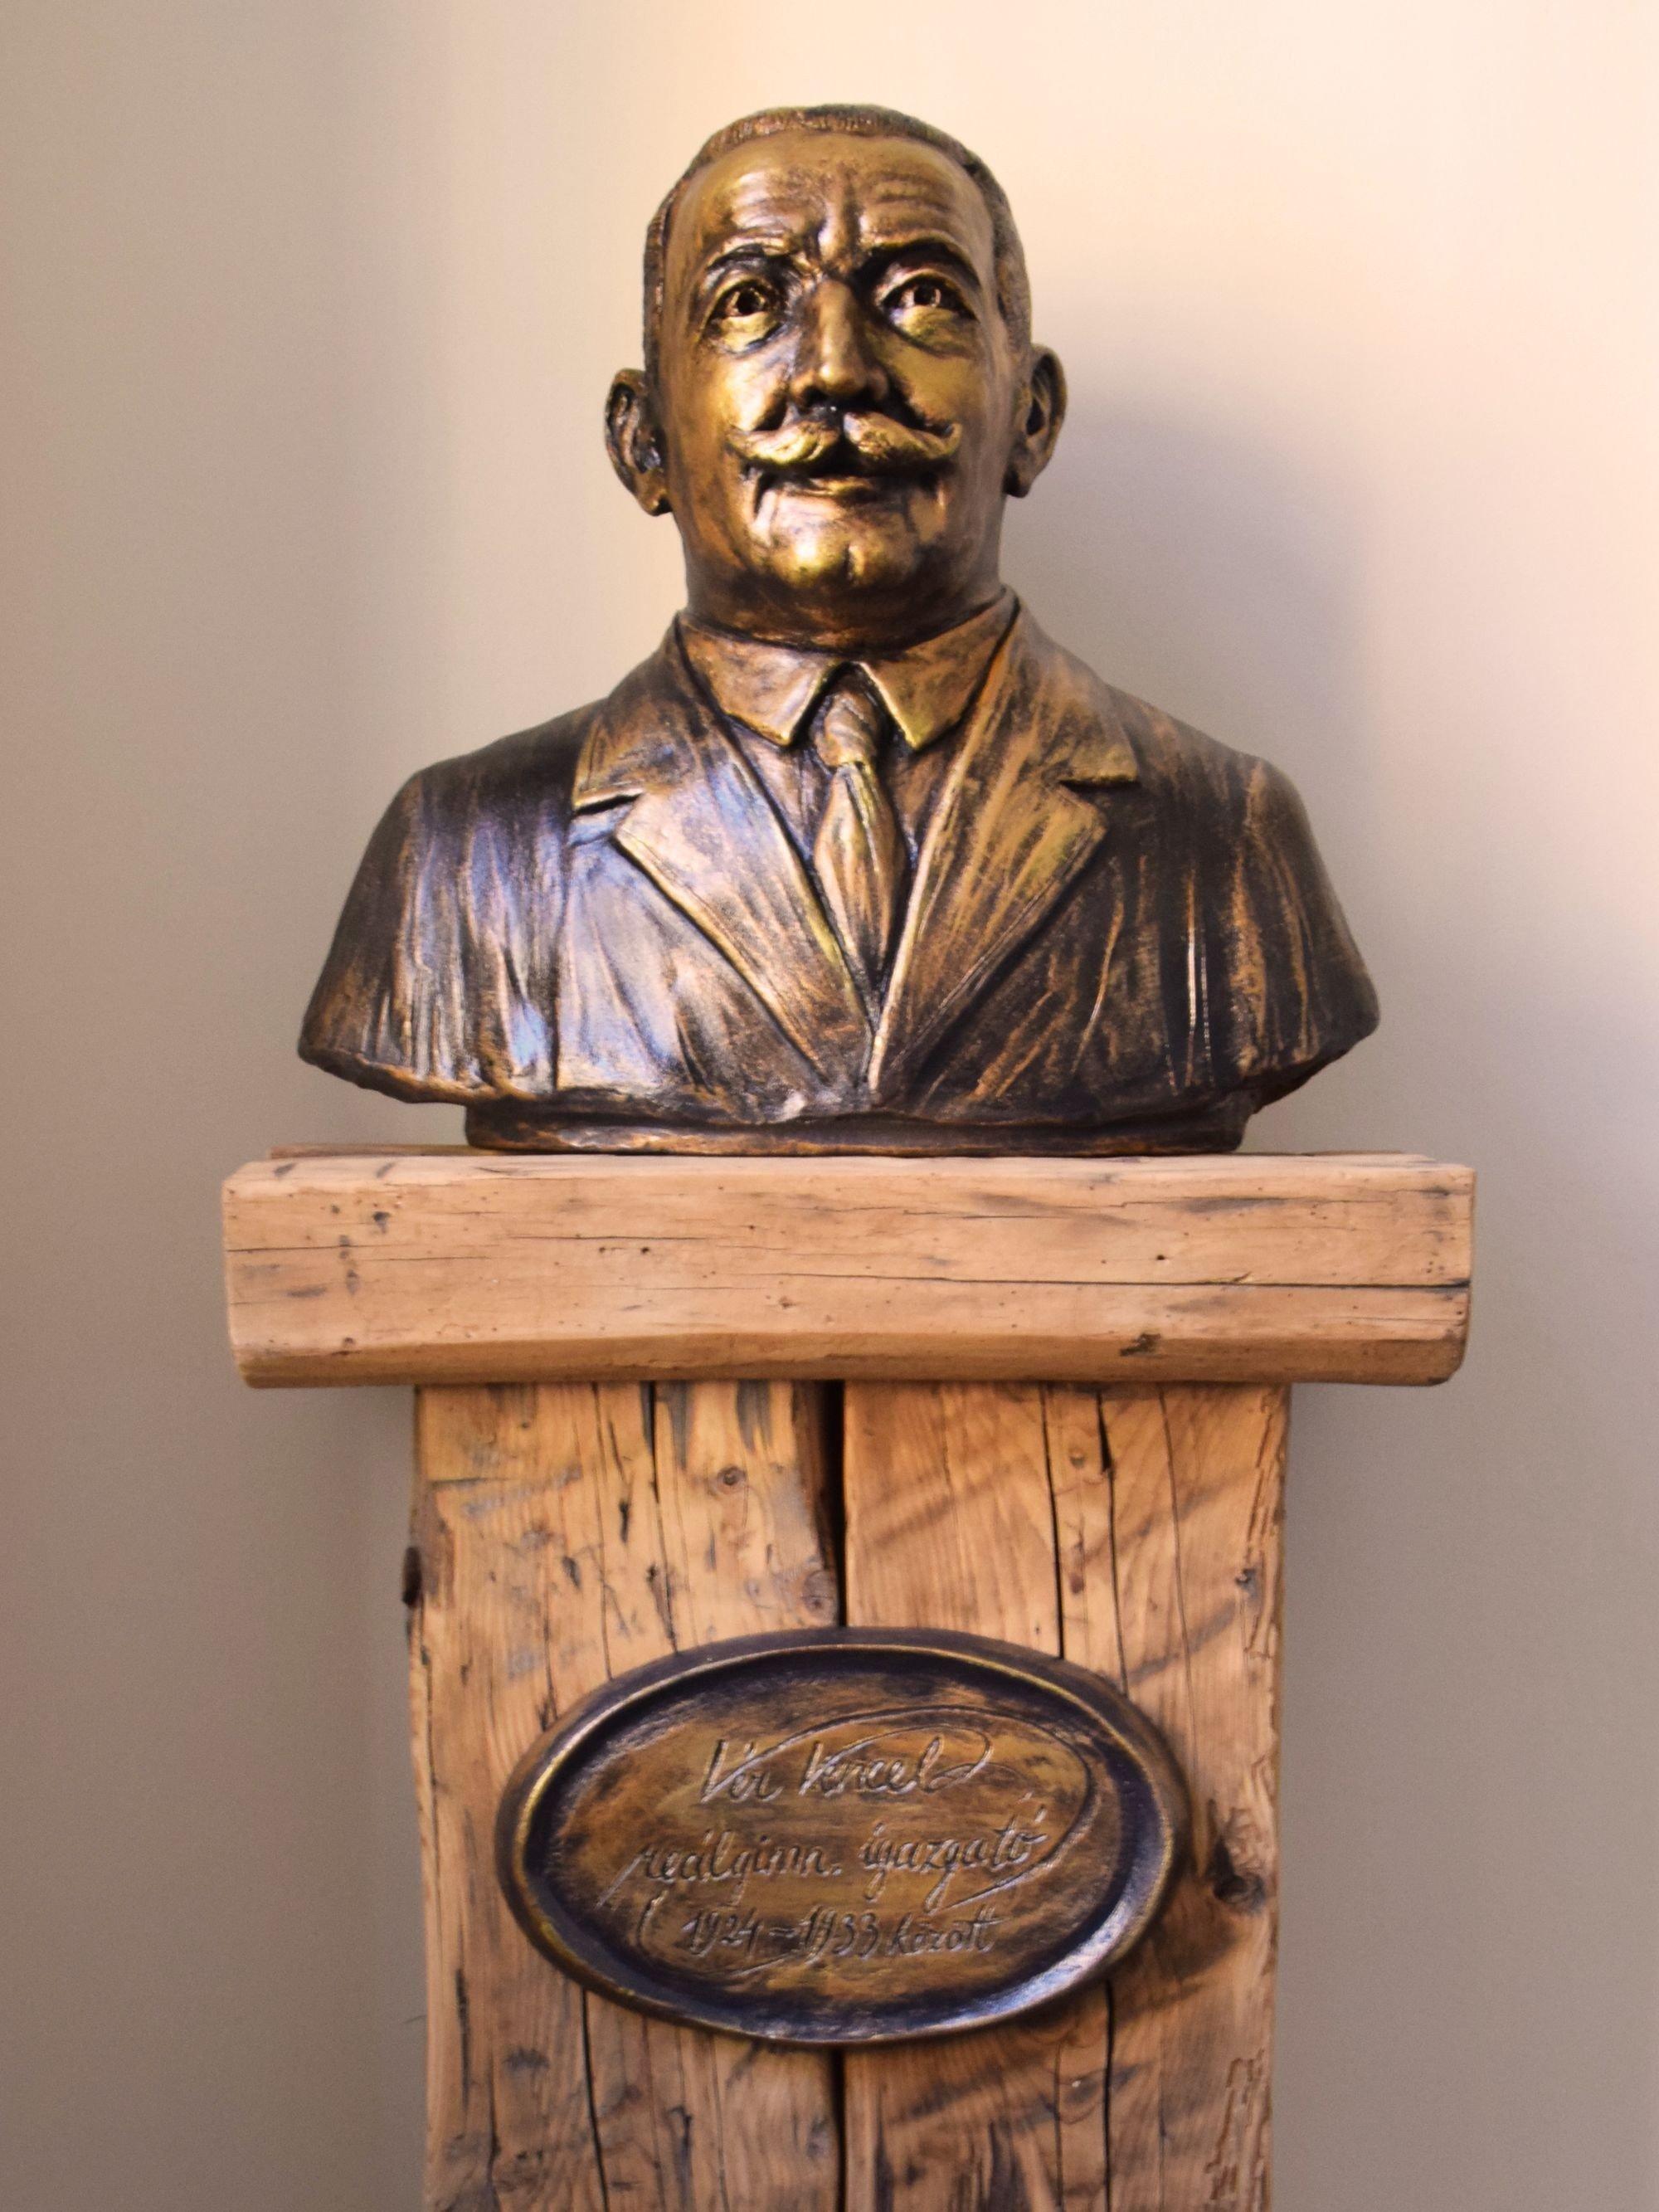 Egykori igazgatójuknak állítottak szobrot a dombóvári gimnáziumban